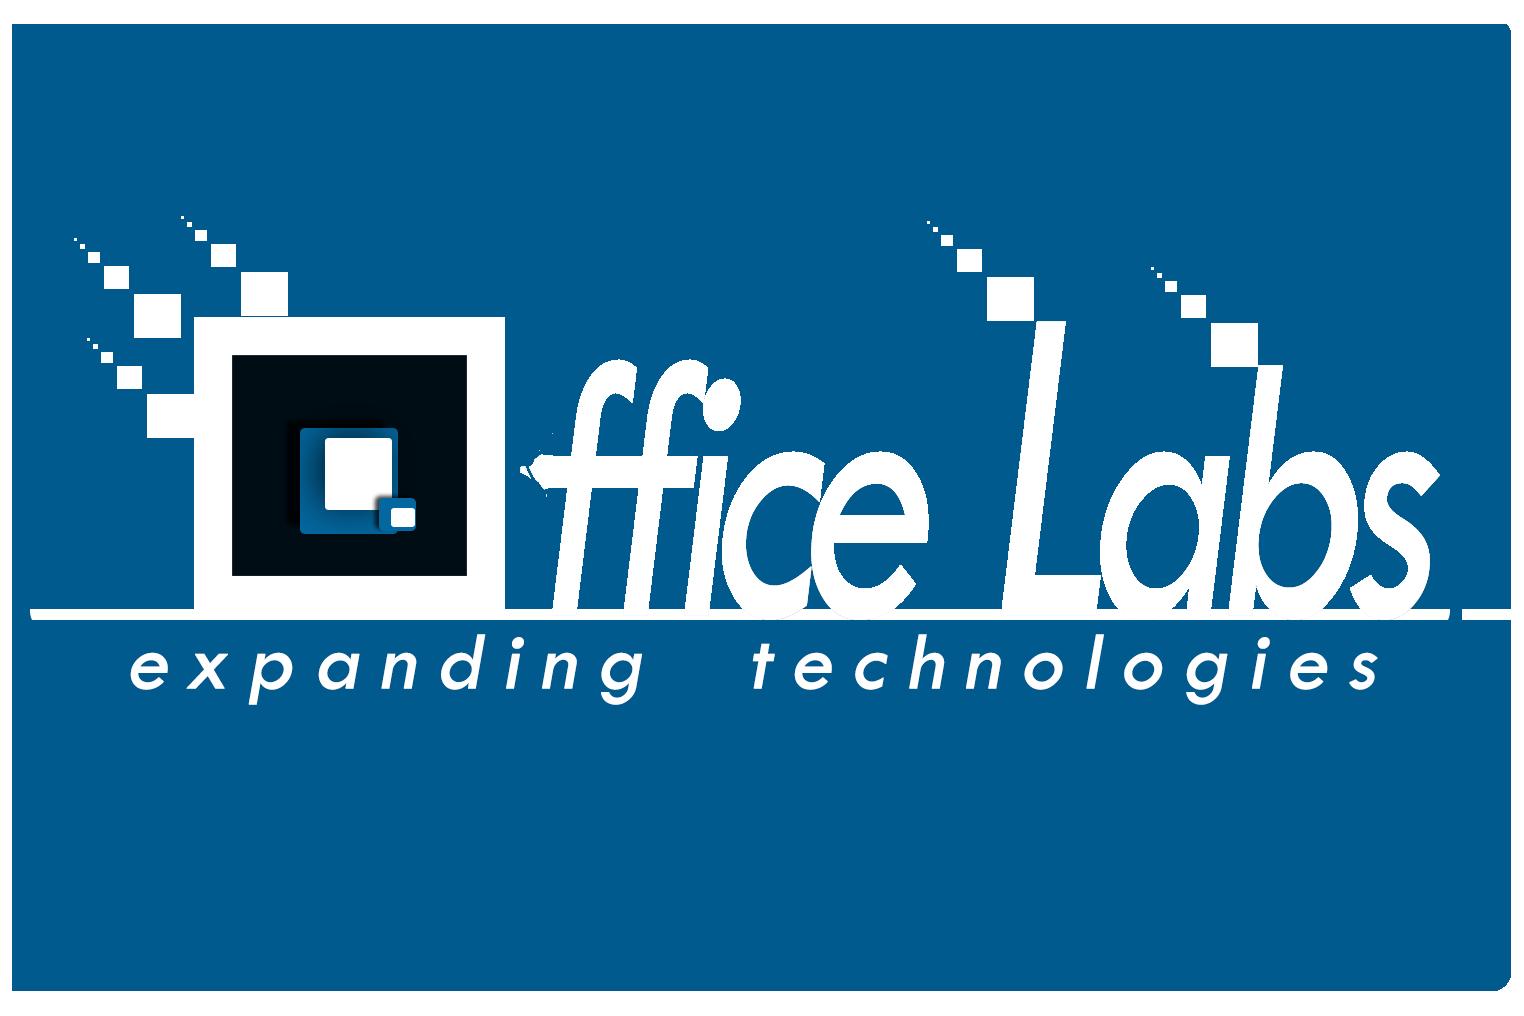 Logo Design by Joshua Agpaoa - Entry No. 85 in the Logo Design Contest OfficeLabs Logo Design.